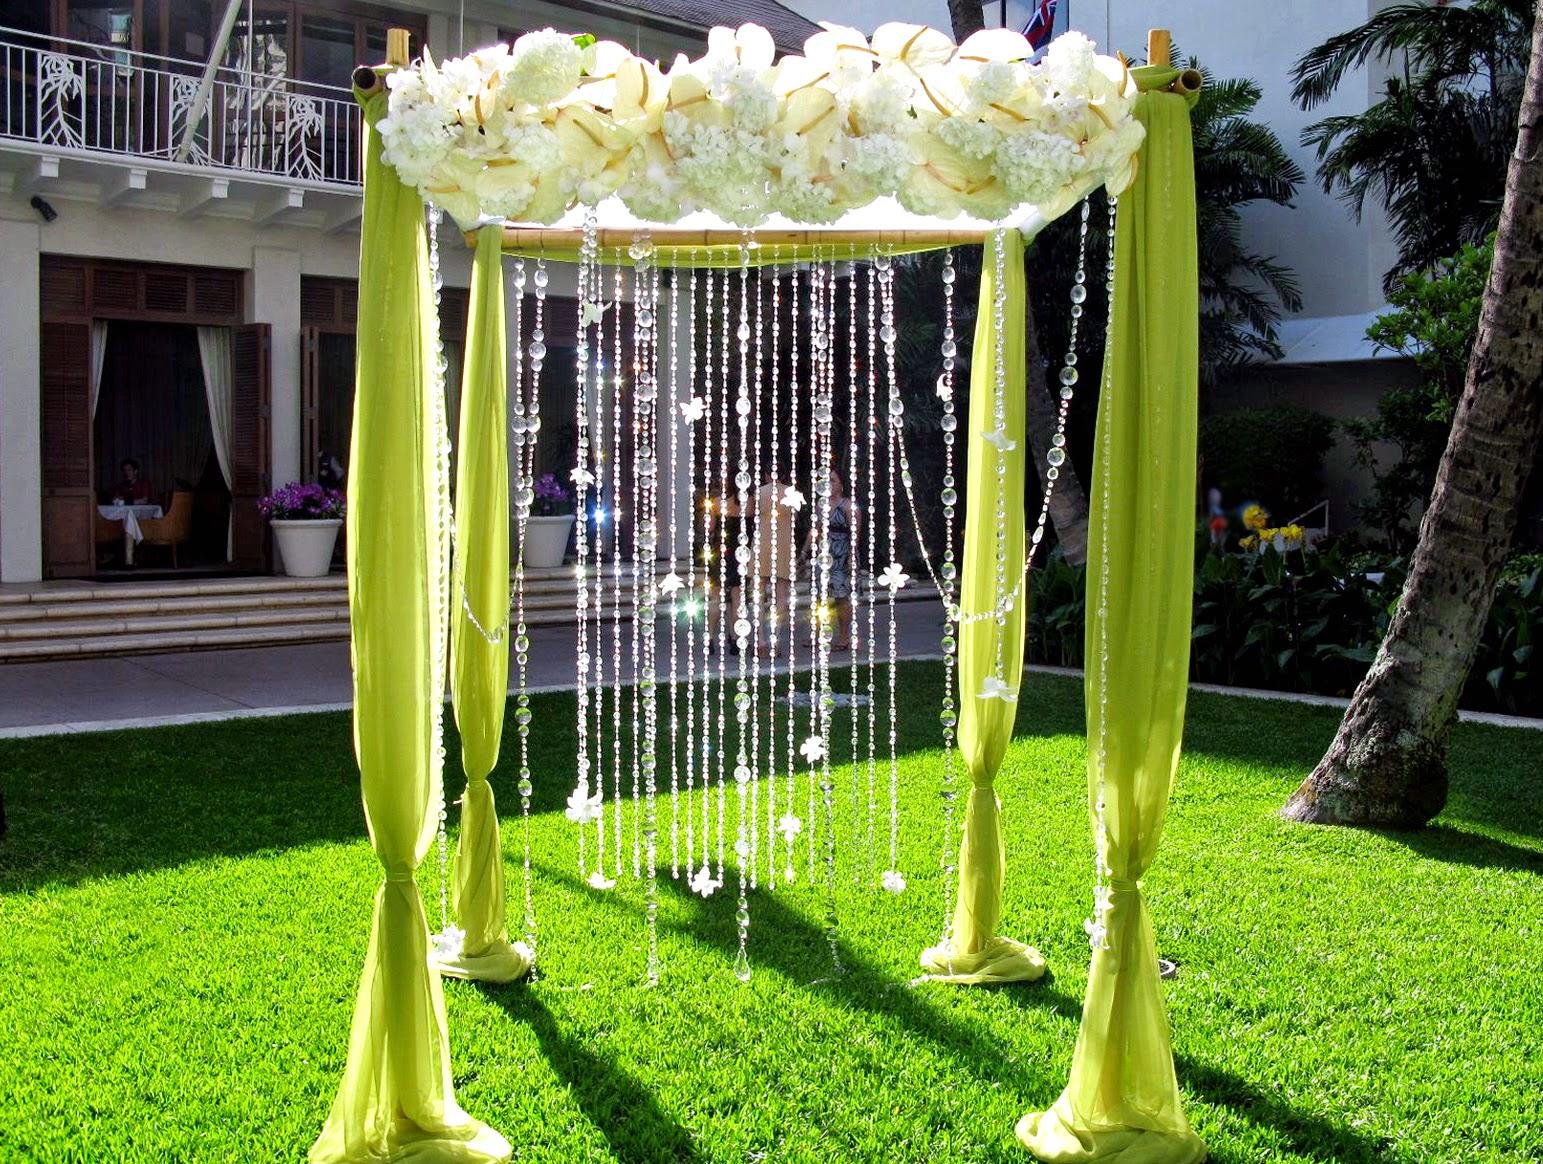 Decoracion En Telas Para Matrimonio ~   tambi?n puede ser muy bien decorado y embellecido con pa?os de tela